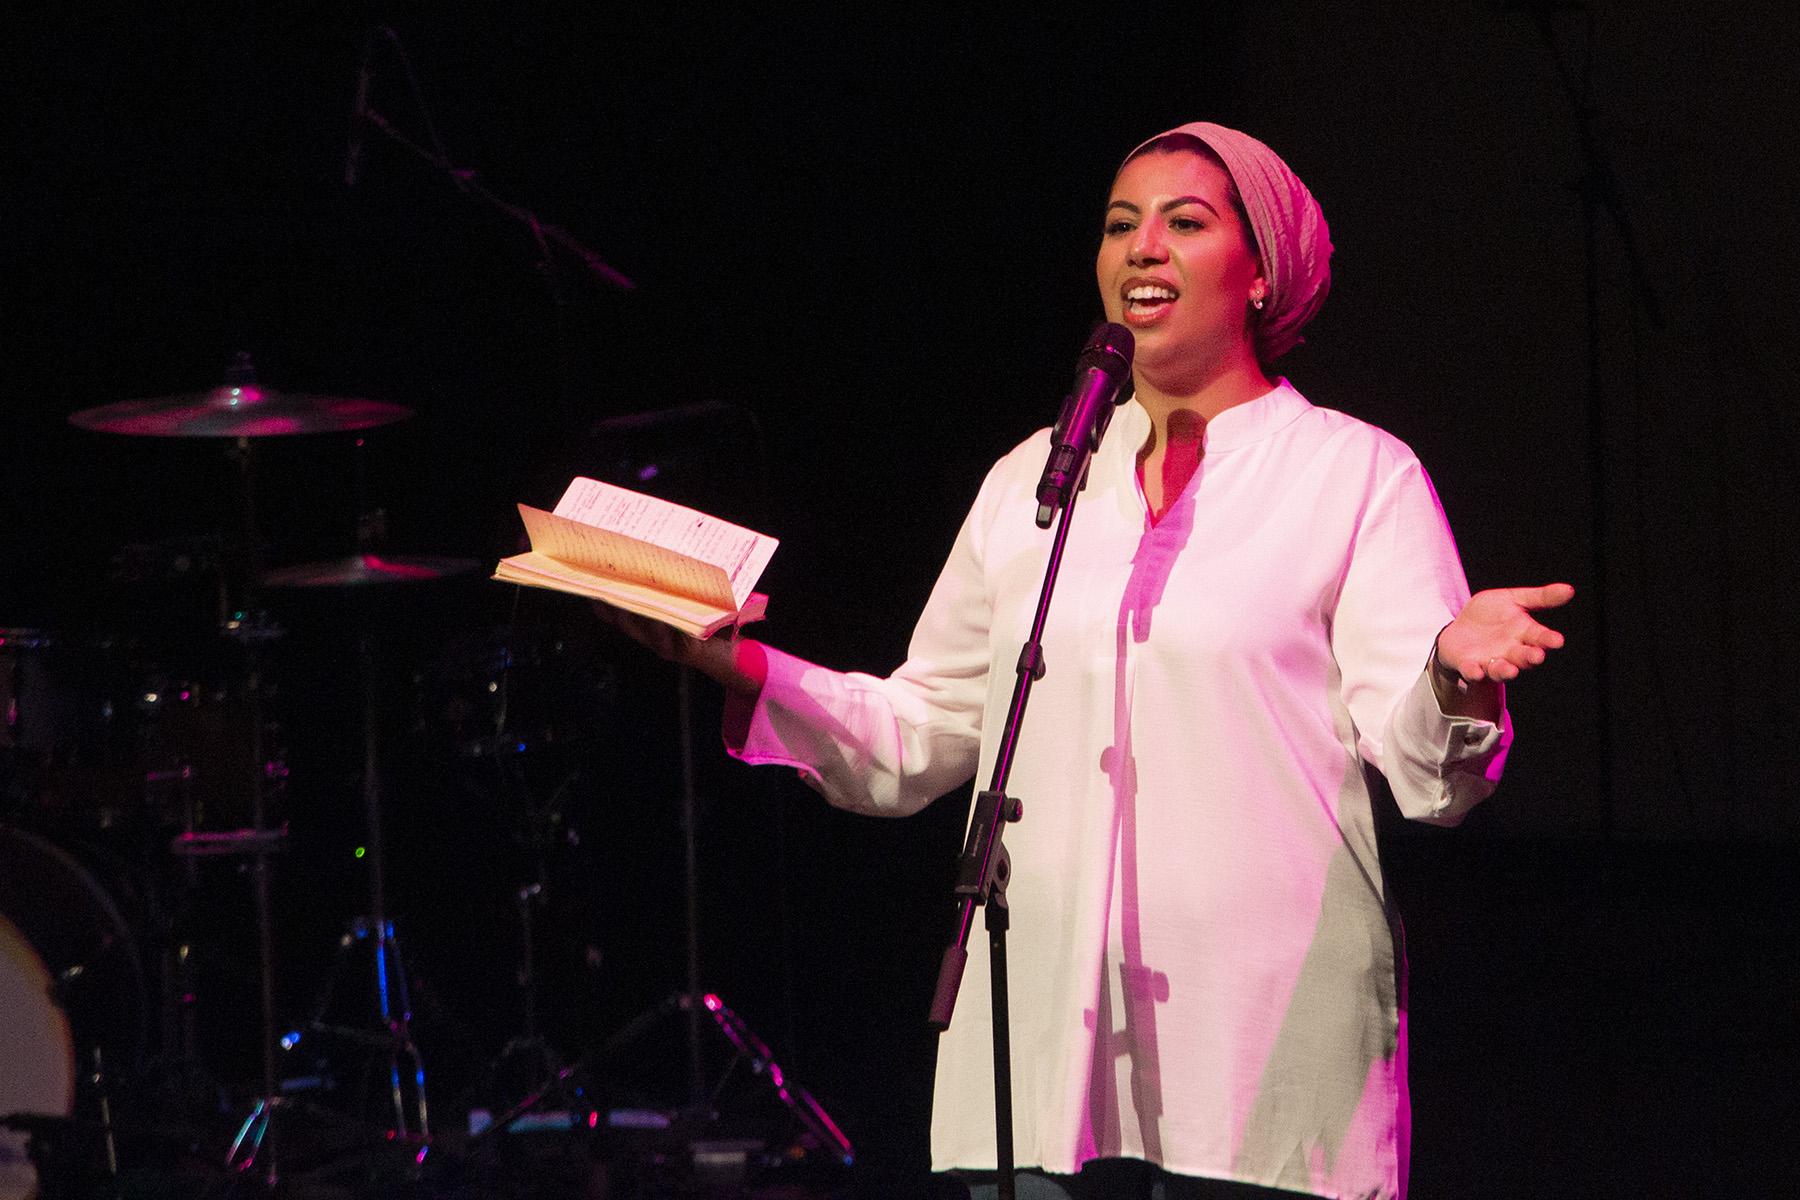 The Stage: Zwoele Zomer – Het optreden van Samirah Saleh